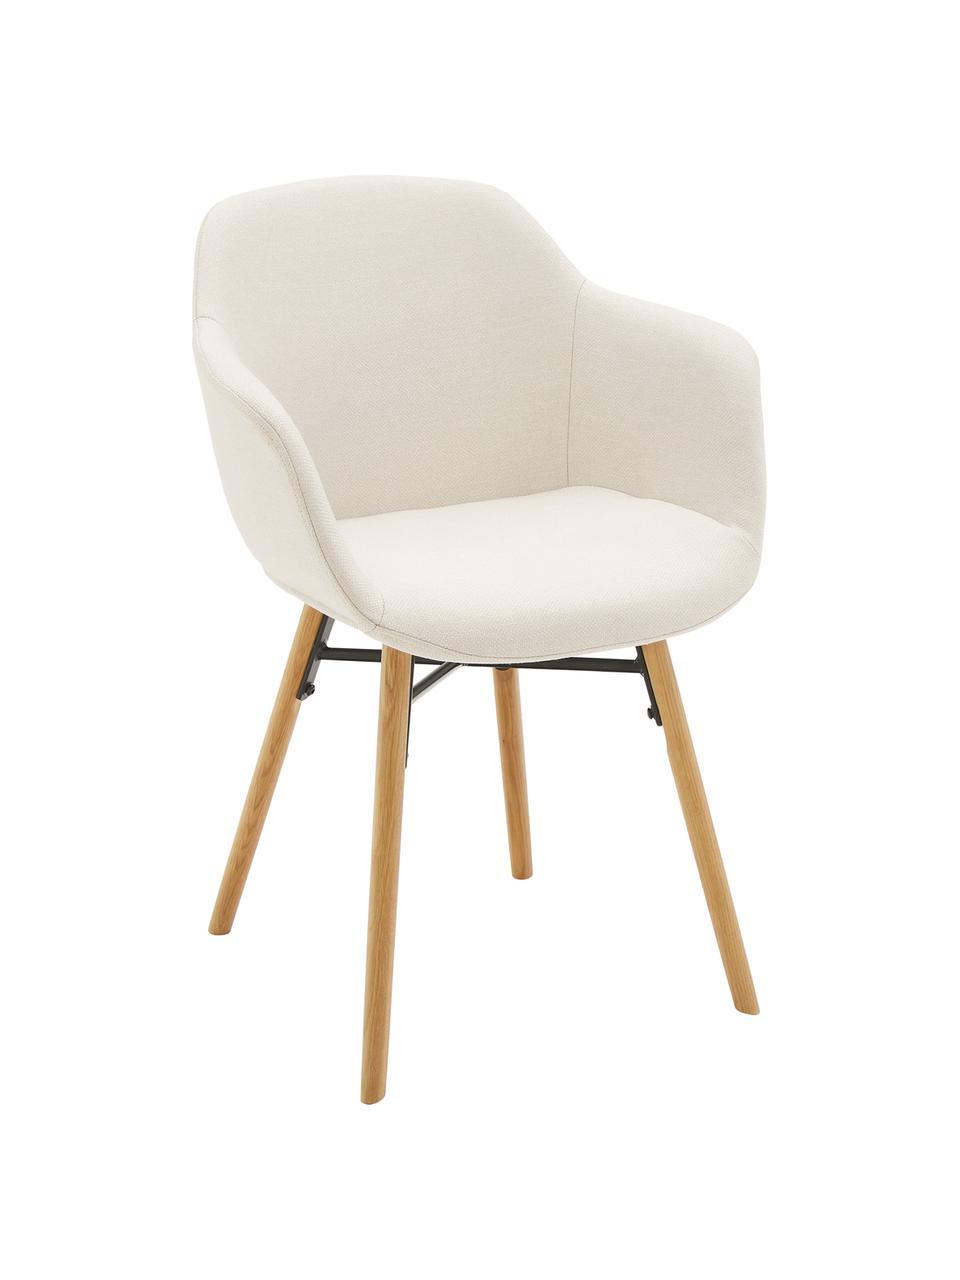 Sedia con braccioli con gambe in legno Fiji, Rivestimento: poliestere Con 40.000 cic, Gambe: legno di quercia massicci, Tessuto beige, legno di quercia, Larg. 59 x Prof. 55 cm